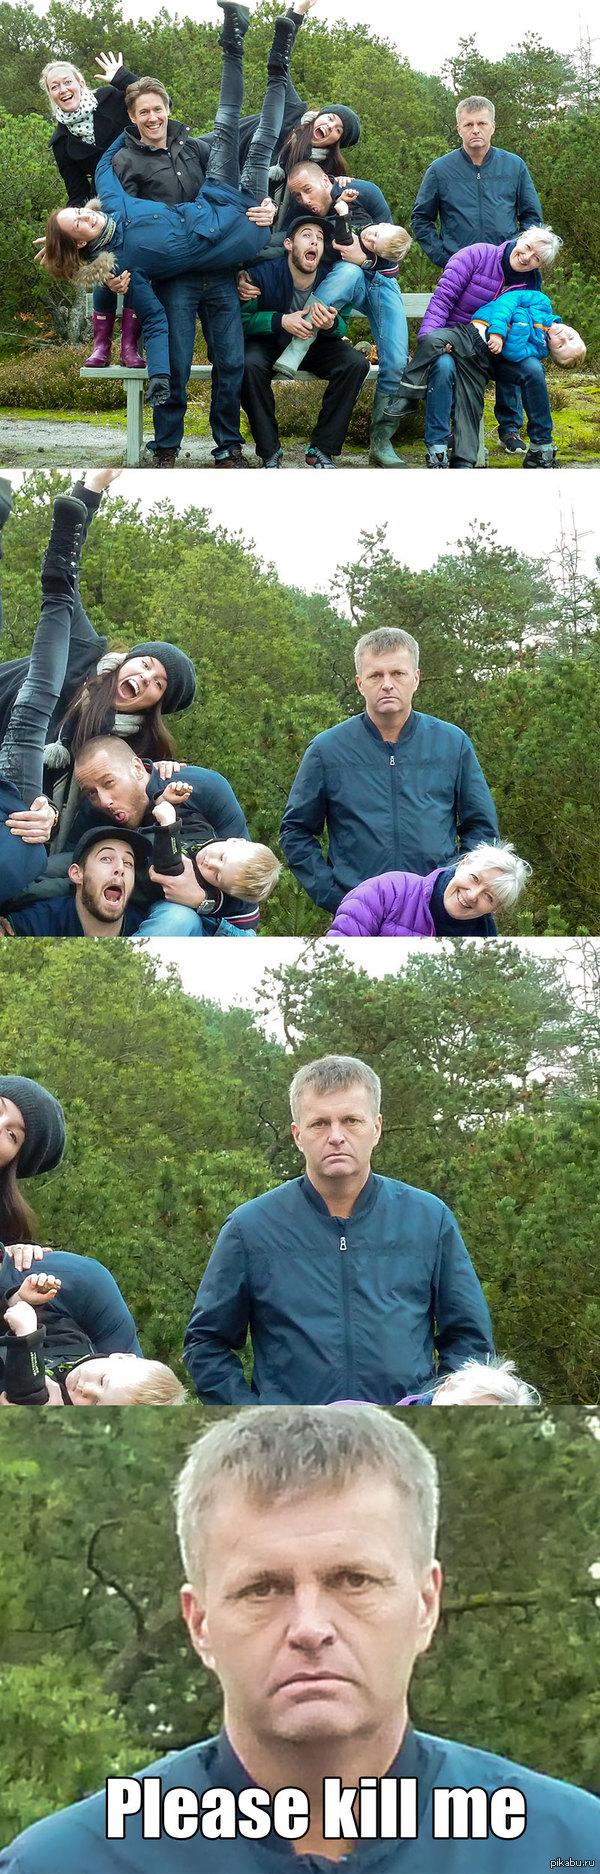 """Моя сестра захотела веселую, семейную фотографию Перевод: """"Пожалуйста, убейте меня"""""""